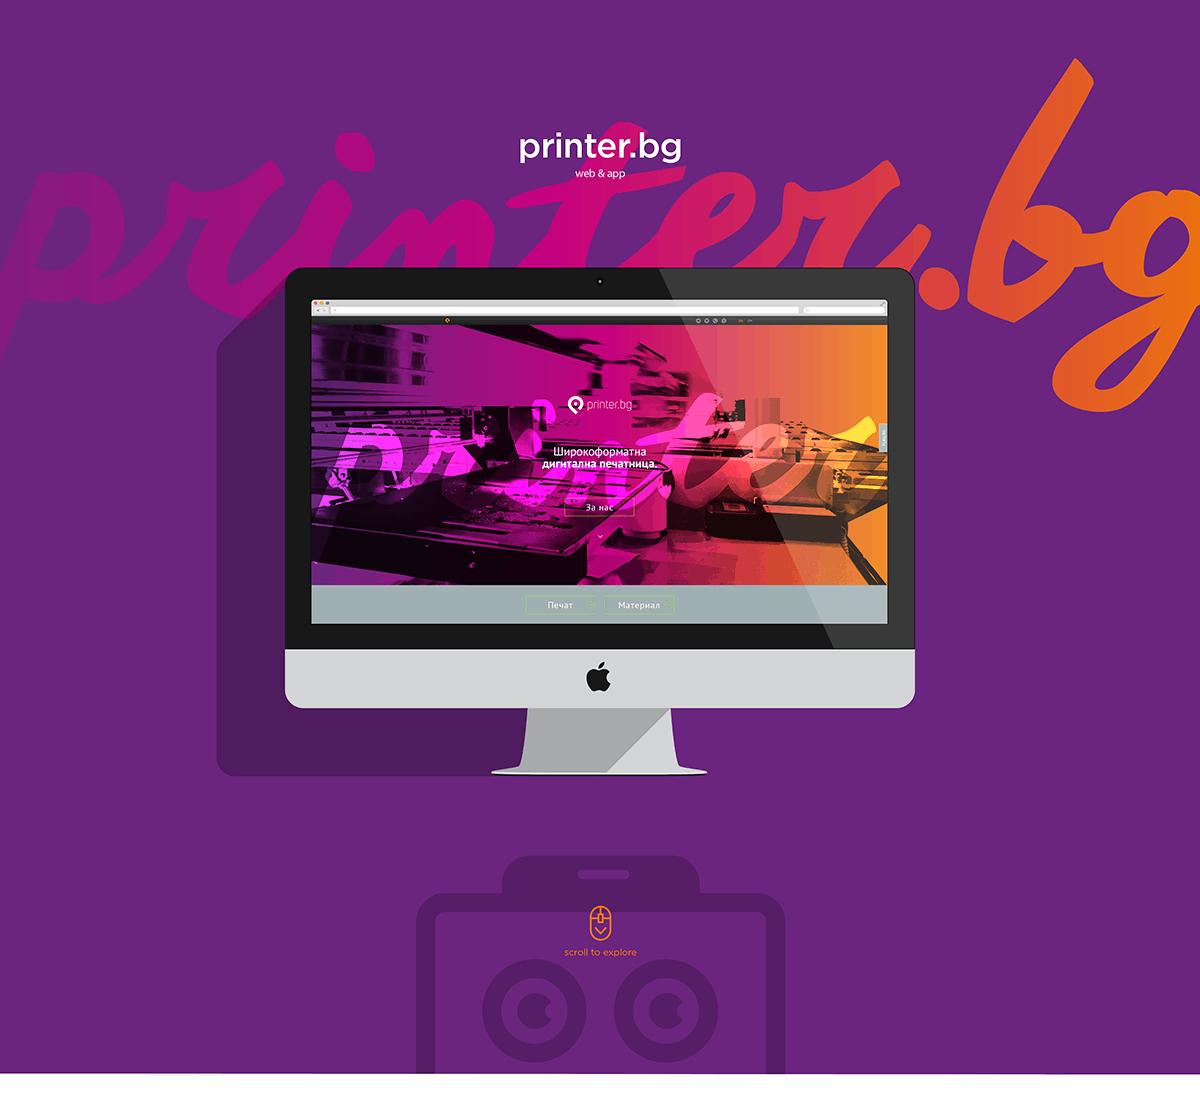 Уеб дизайн на уеб саит на печатница printer.bg от Muse Creativity